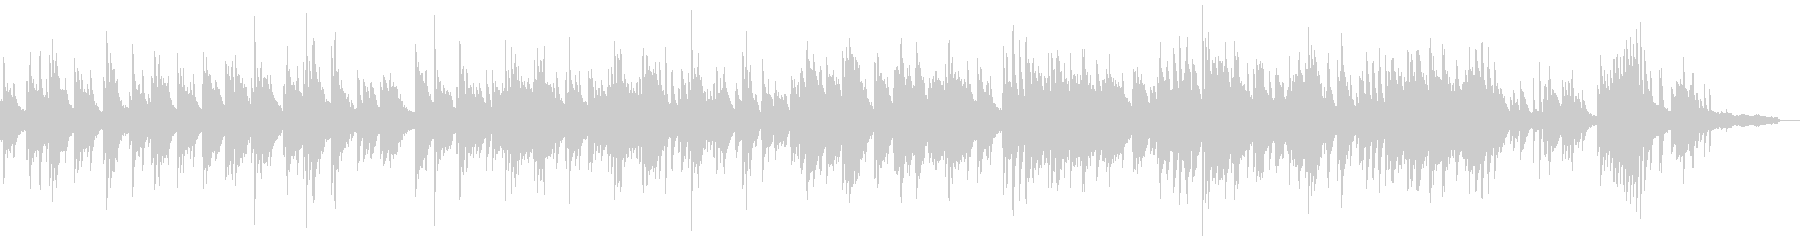 明るくセンチメンタルなピアノソロバラードの未再生の波形